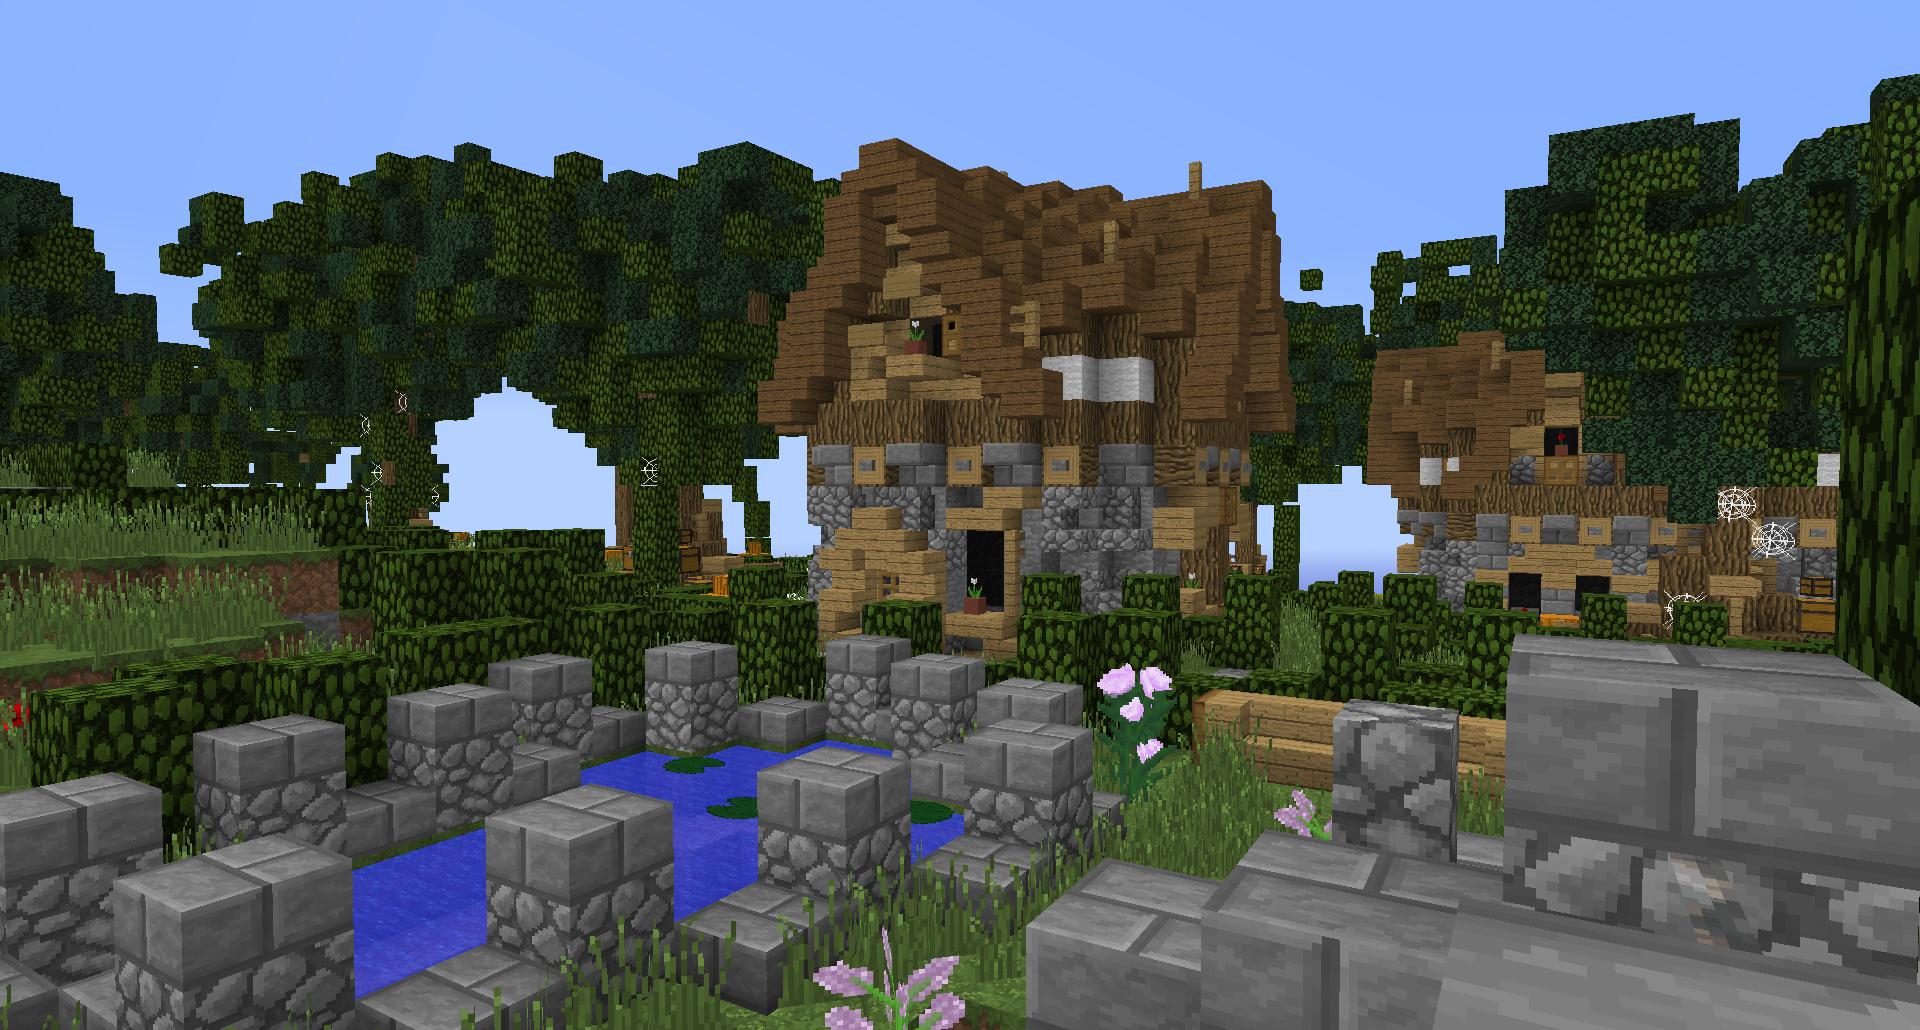 Minecraft Buildings Simple Fantasy Lollyherz Village House - Minecraft zug spiele